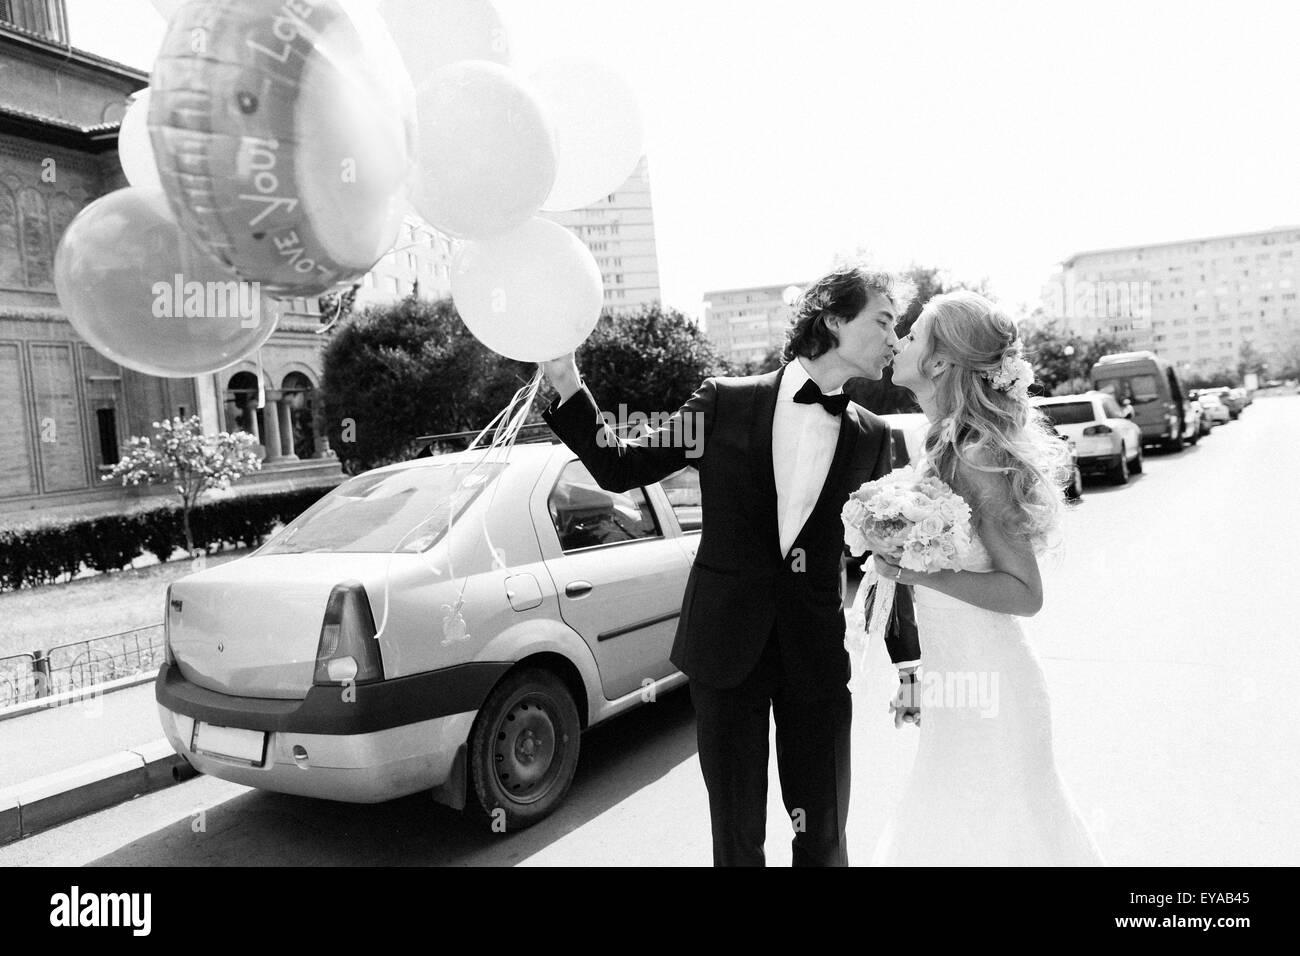 I giovani appena sposati giovane baciando su una strada. Immagine in bianco e nero con grano film aggiunto come Immagini Stock